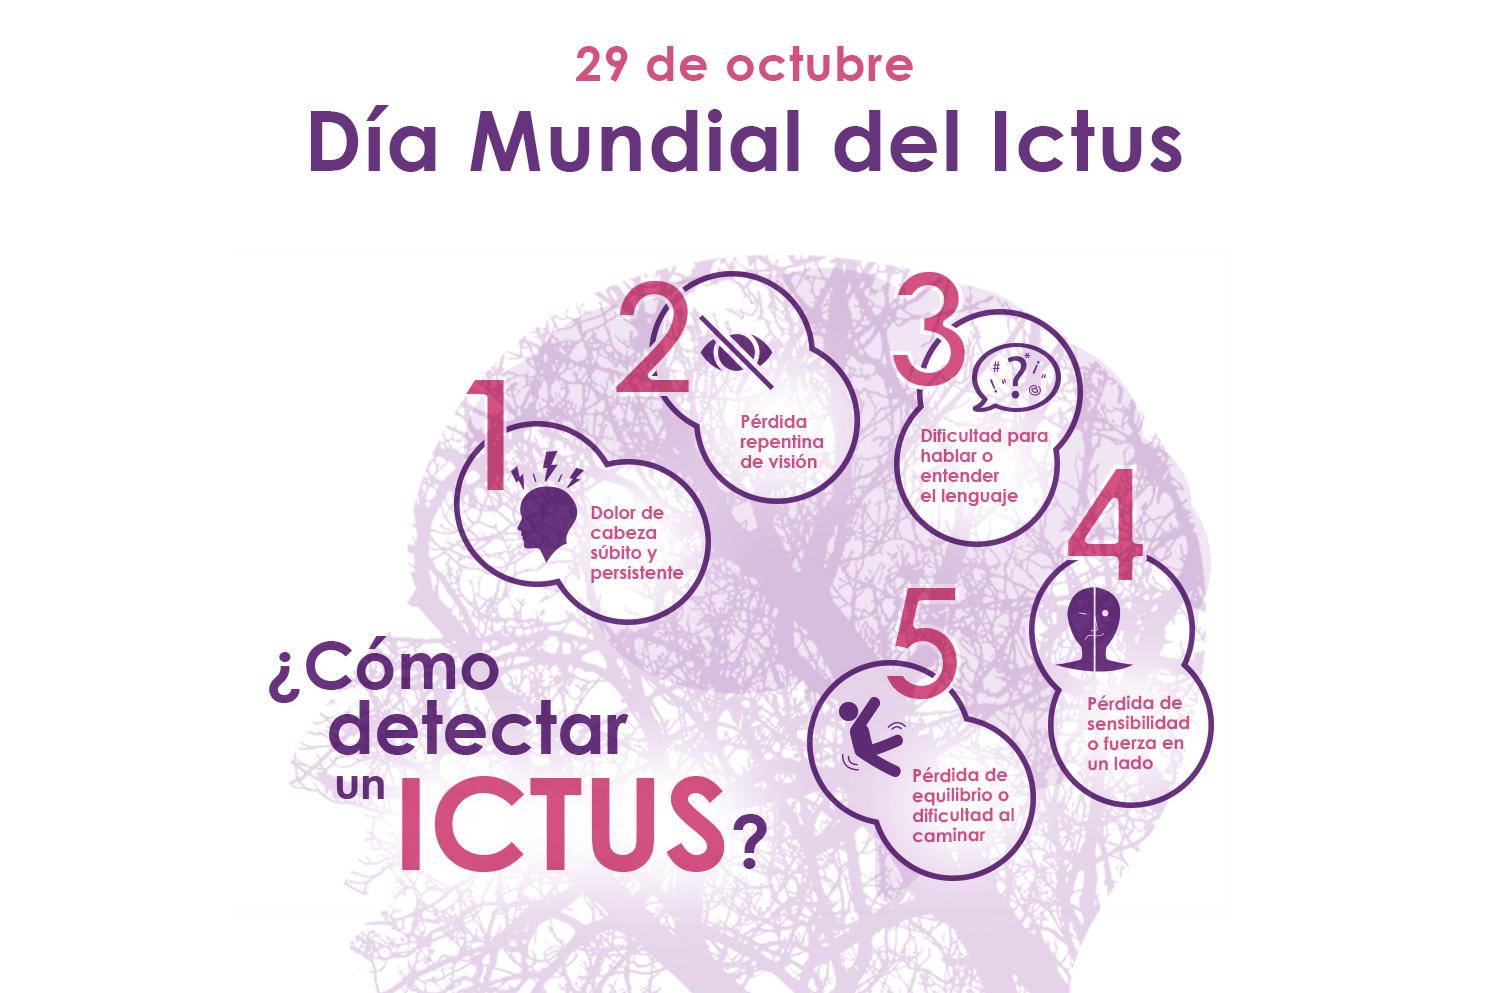 Leyenda del dia mundial del ictus con consejos